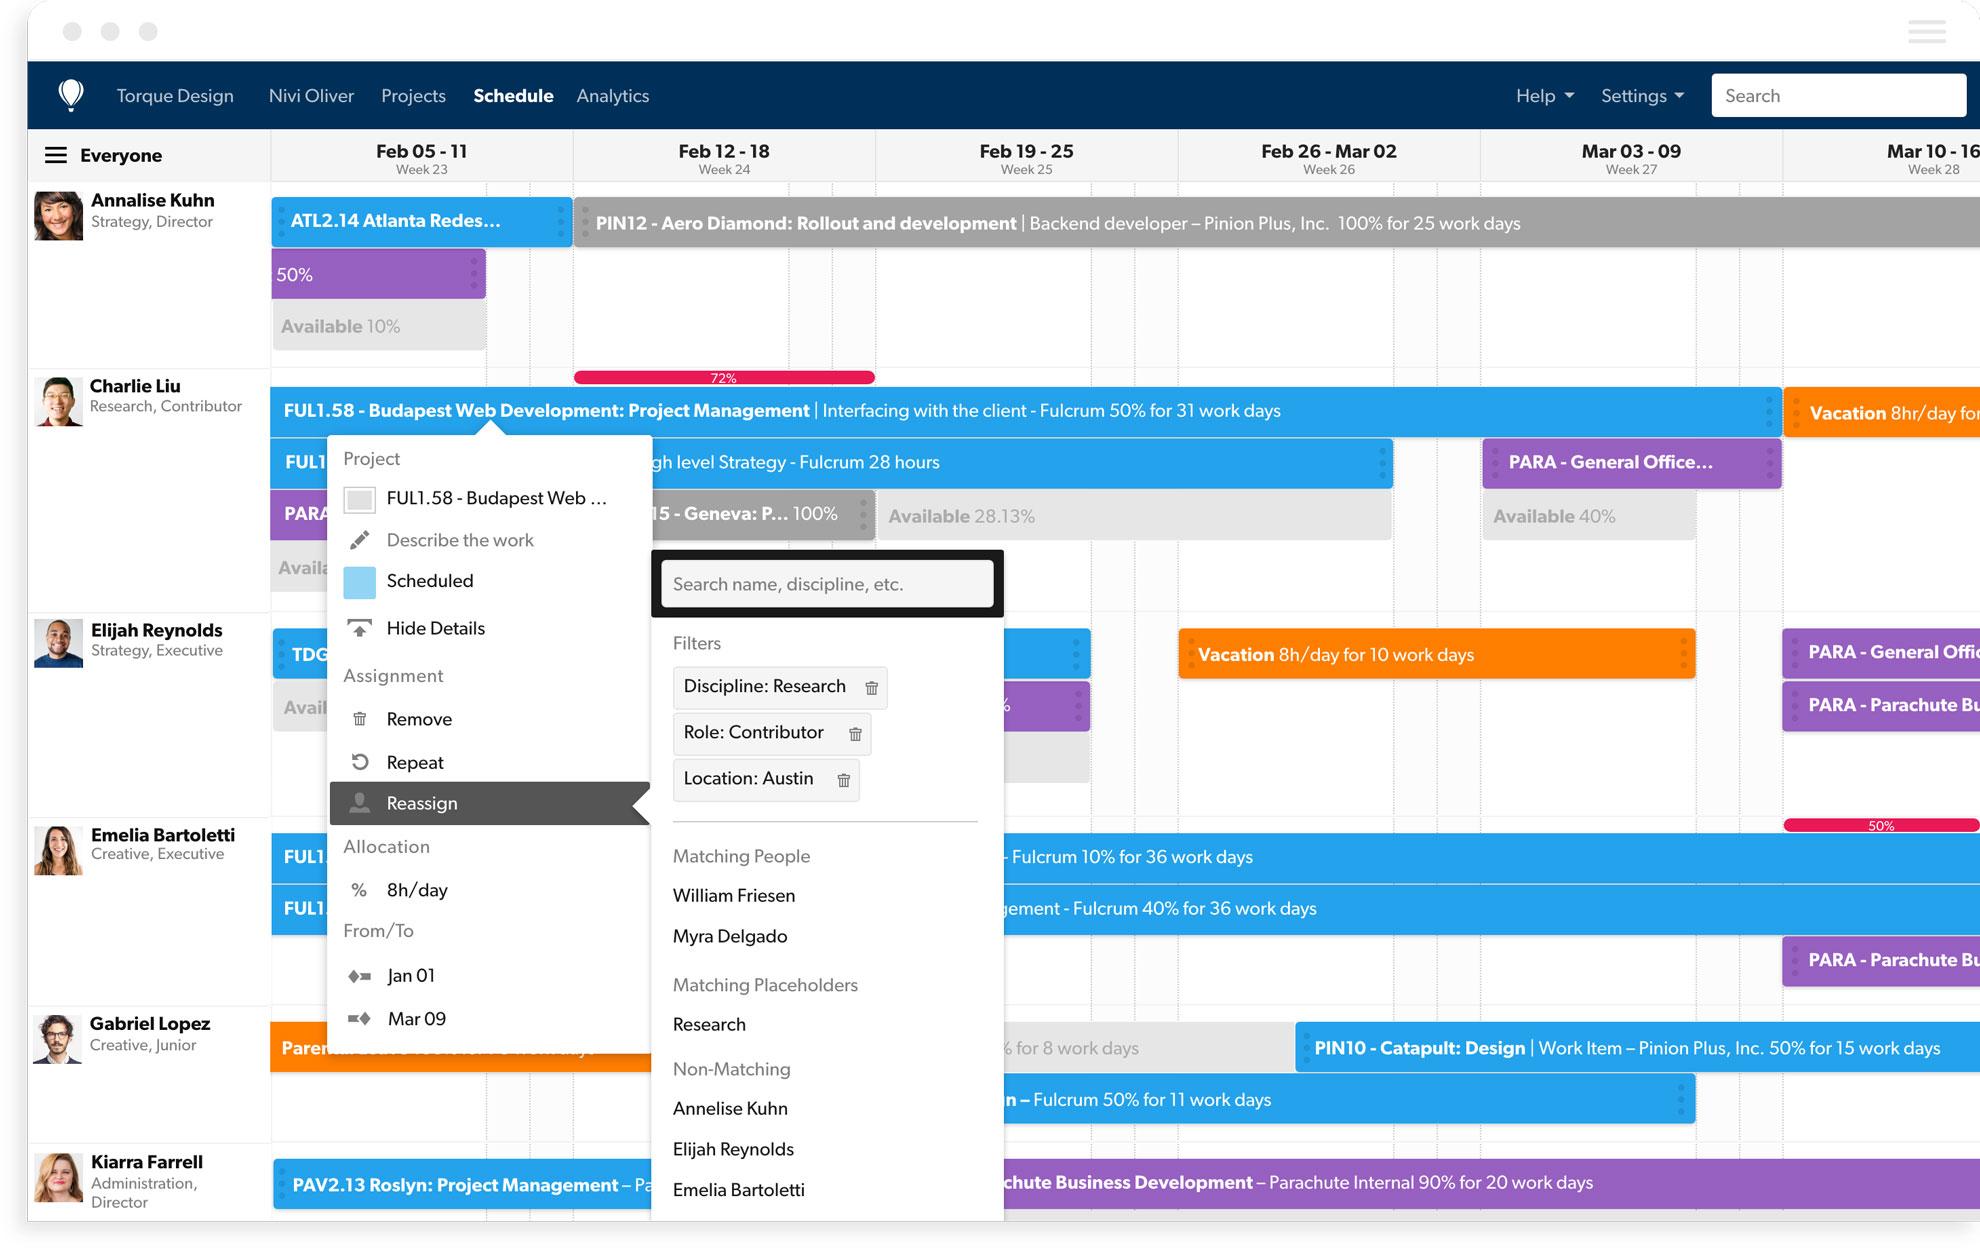 Interactive team scheduling